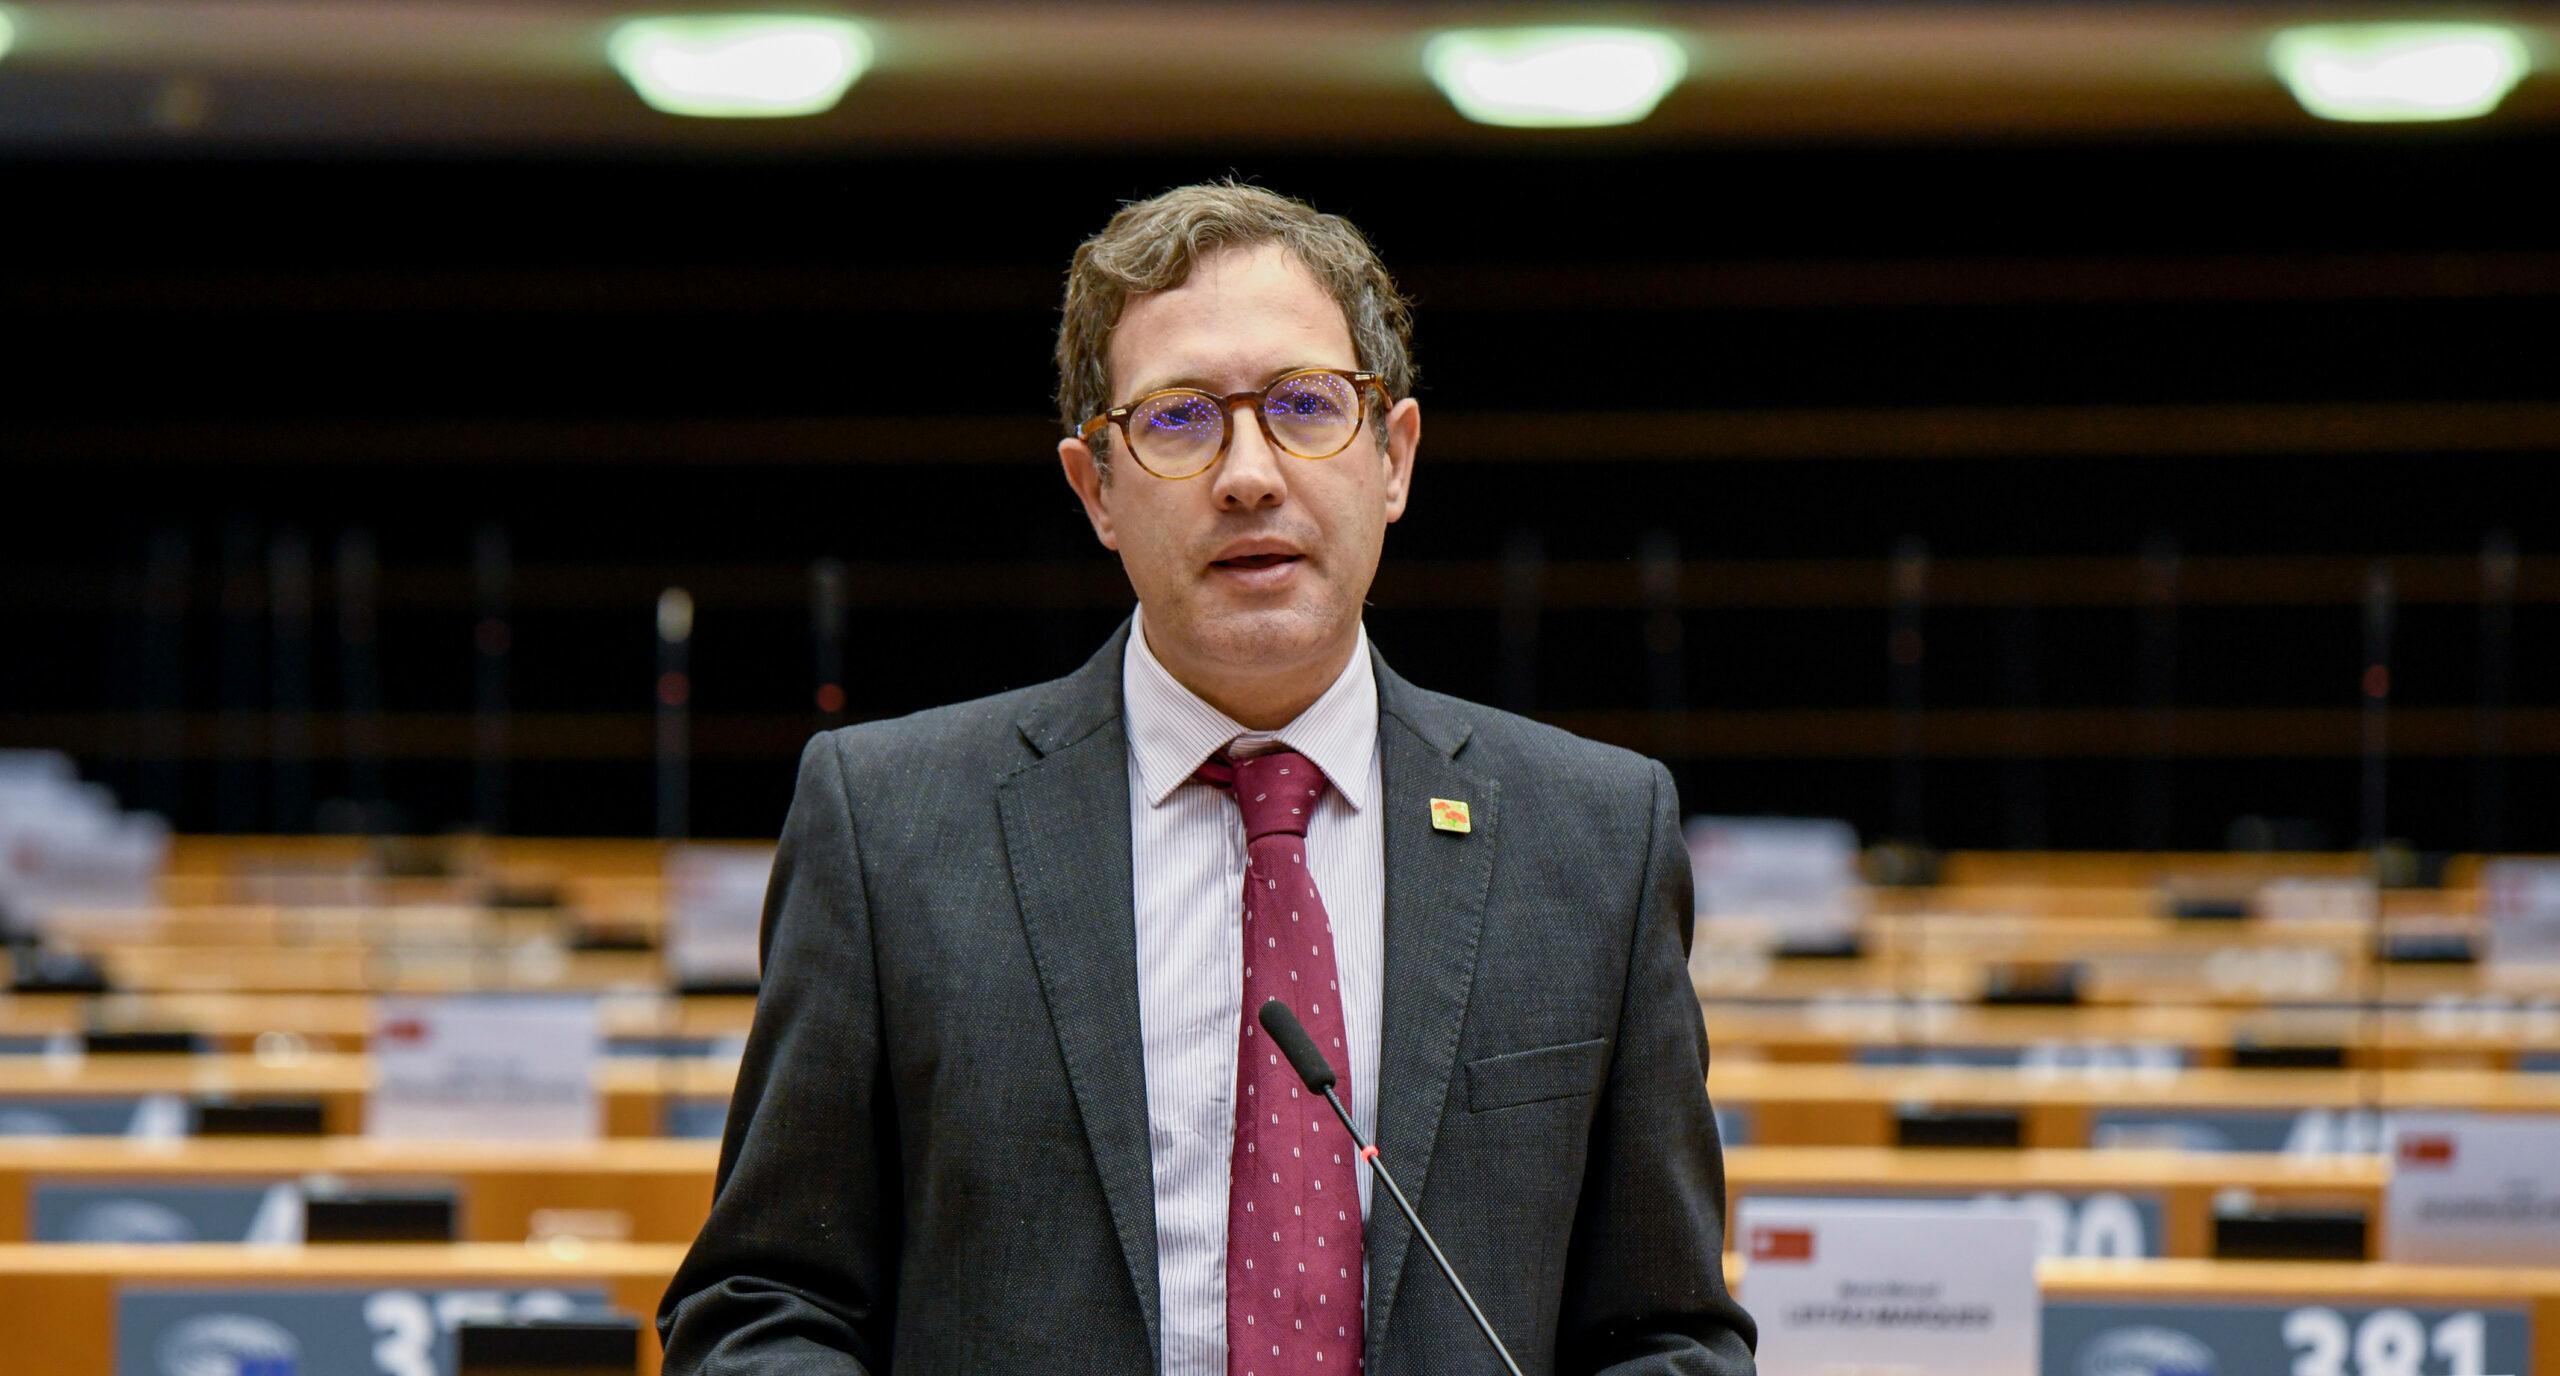 L'eurodiputat del PSOE, Domènec Ruiz Devesa, en un debat a l'Eurocambra l'octubre del 2020 / ACN